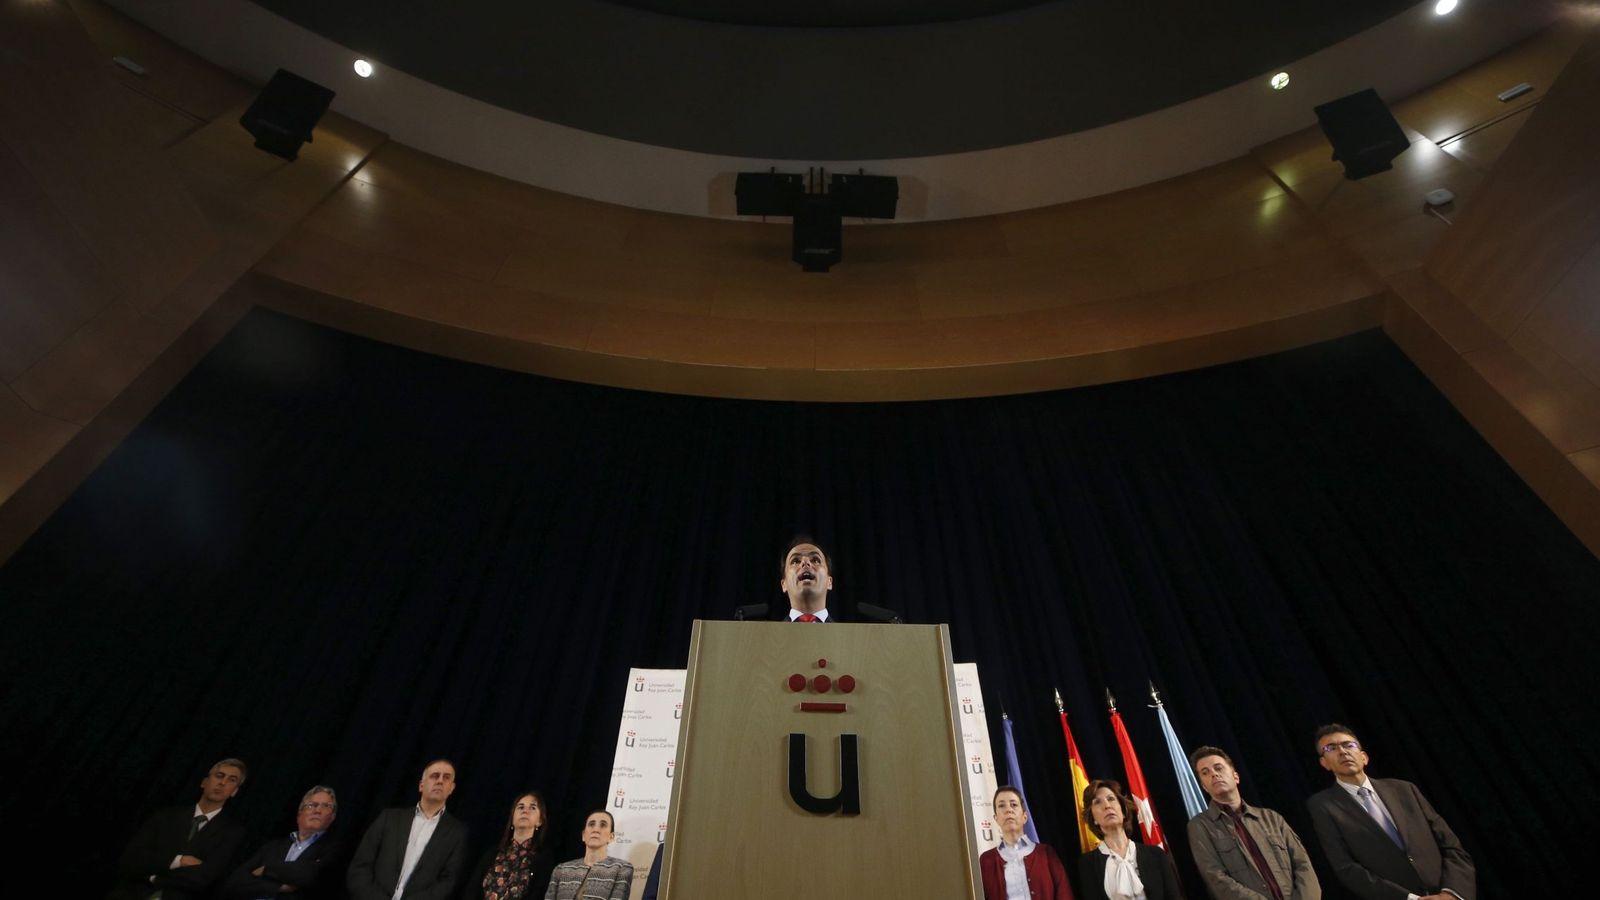 Foto: El actual rector de la URJC, Javier Ramos, en rueda de prensa tras estallar el caso máster.